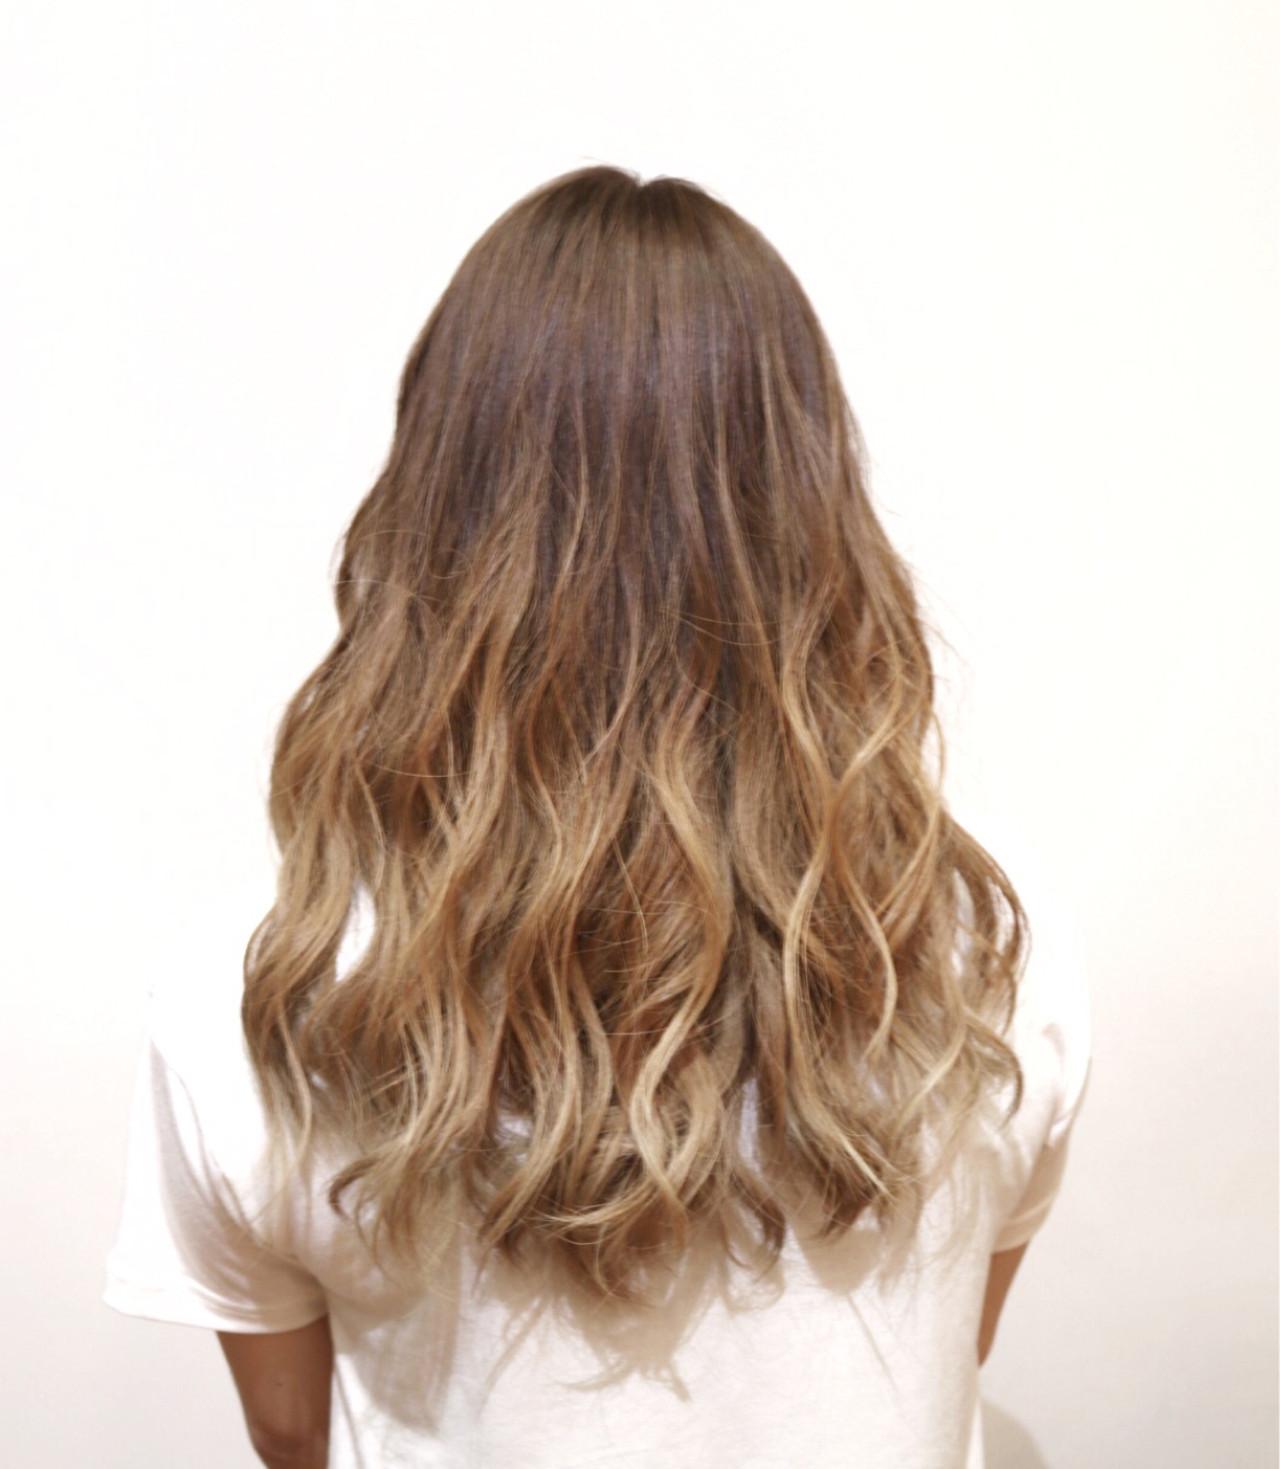 フェミニン ブリーチ ロング ミルクティーベージュ ヘアスタイルや髪型の写真・画像